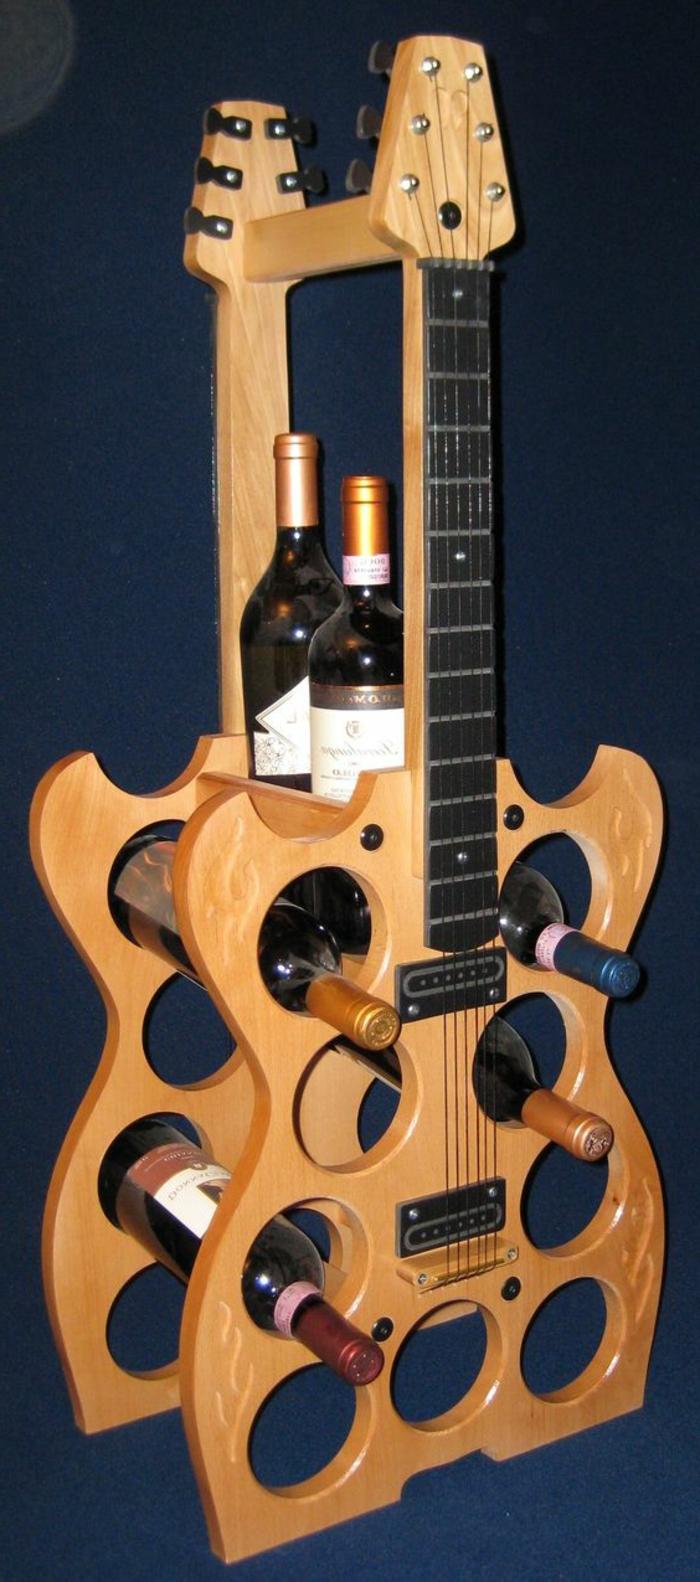 Regal Aus Gitarre Bauen Gitarren Regal Bewundernswert Cort Regal